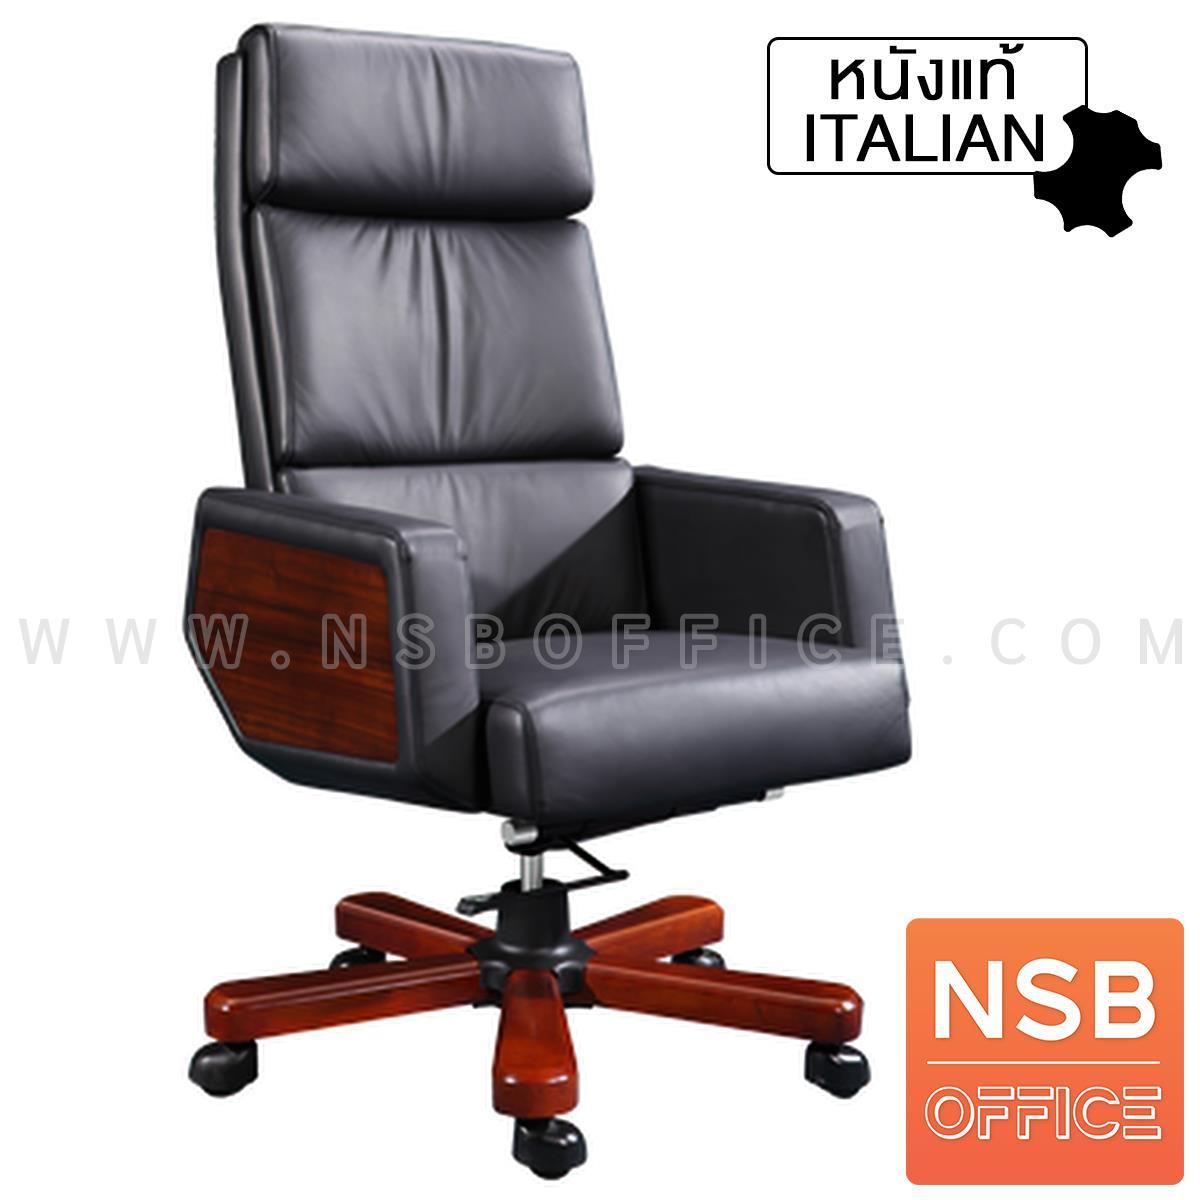 B25A088:เก้าอี้ผู้บริหารหนังแท้ รุ่น LPS-315-H  โช๊คแก๊ส มีก้อนโยก ขาไม้